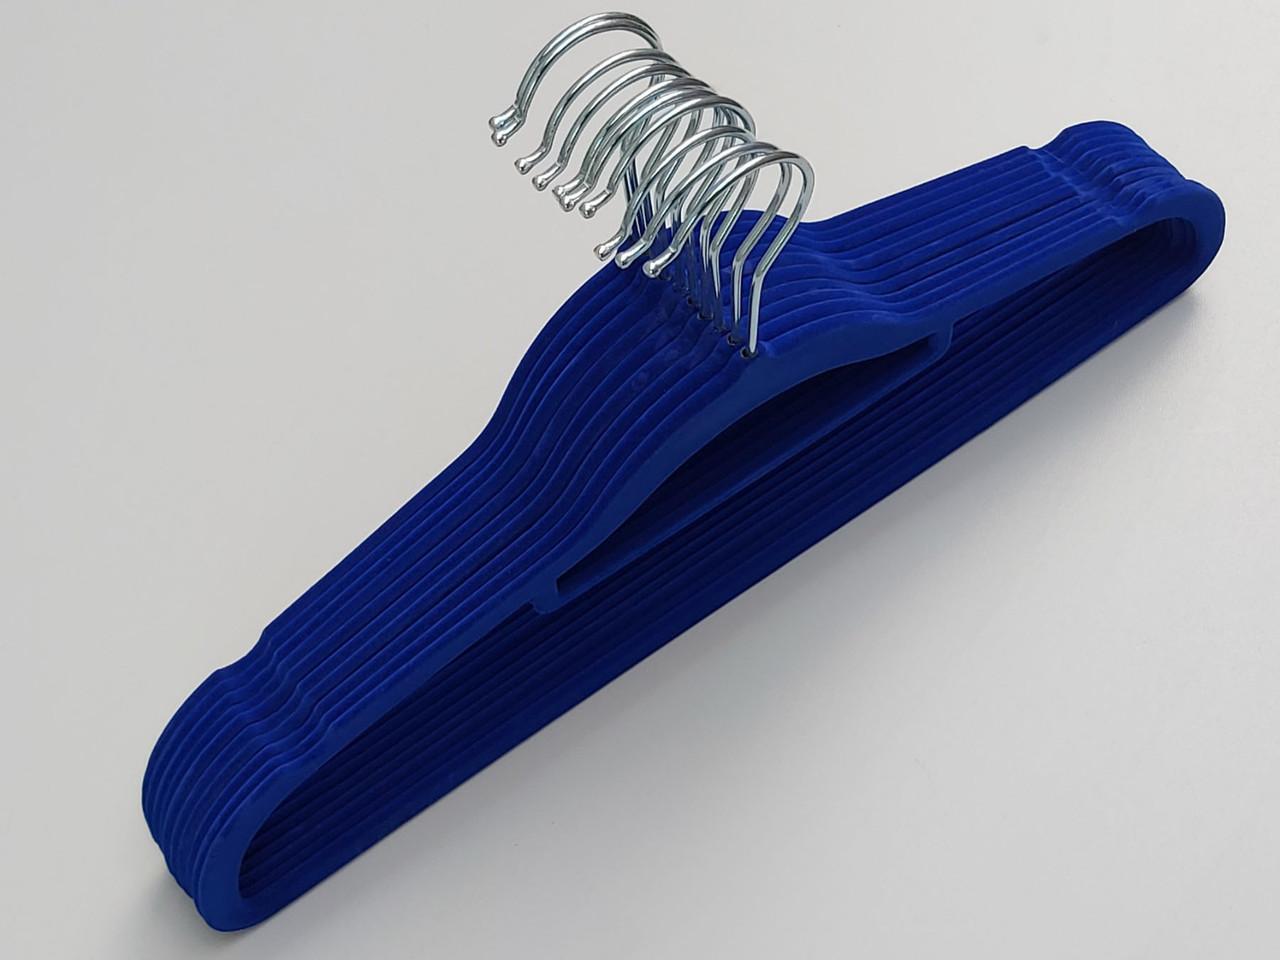 Довжина 41,5 см. Плічка флоковані (оксамитові) синього кольору, 10 штук в упаковці